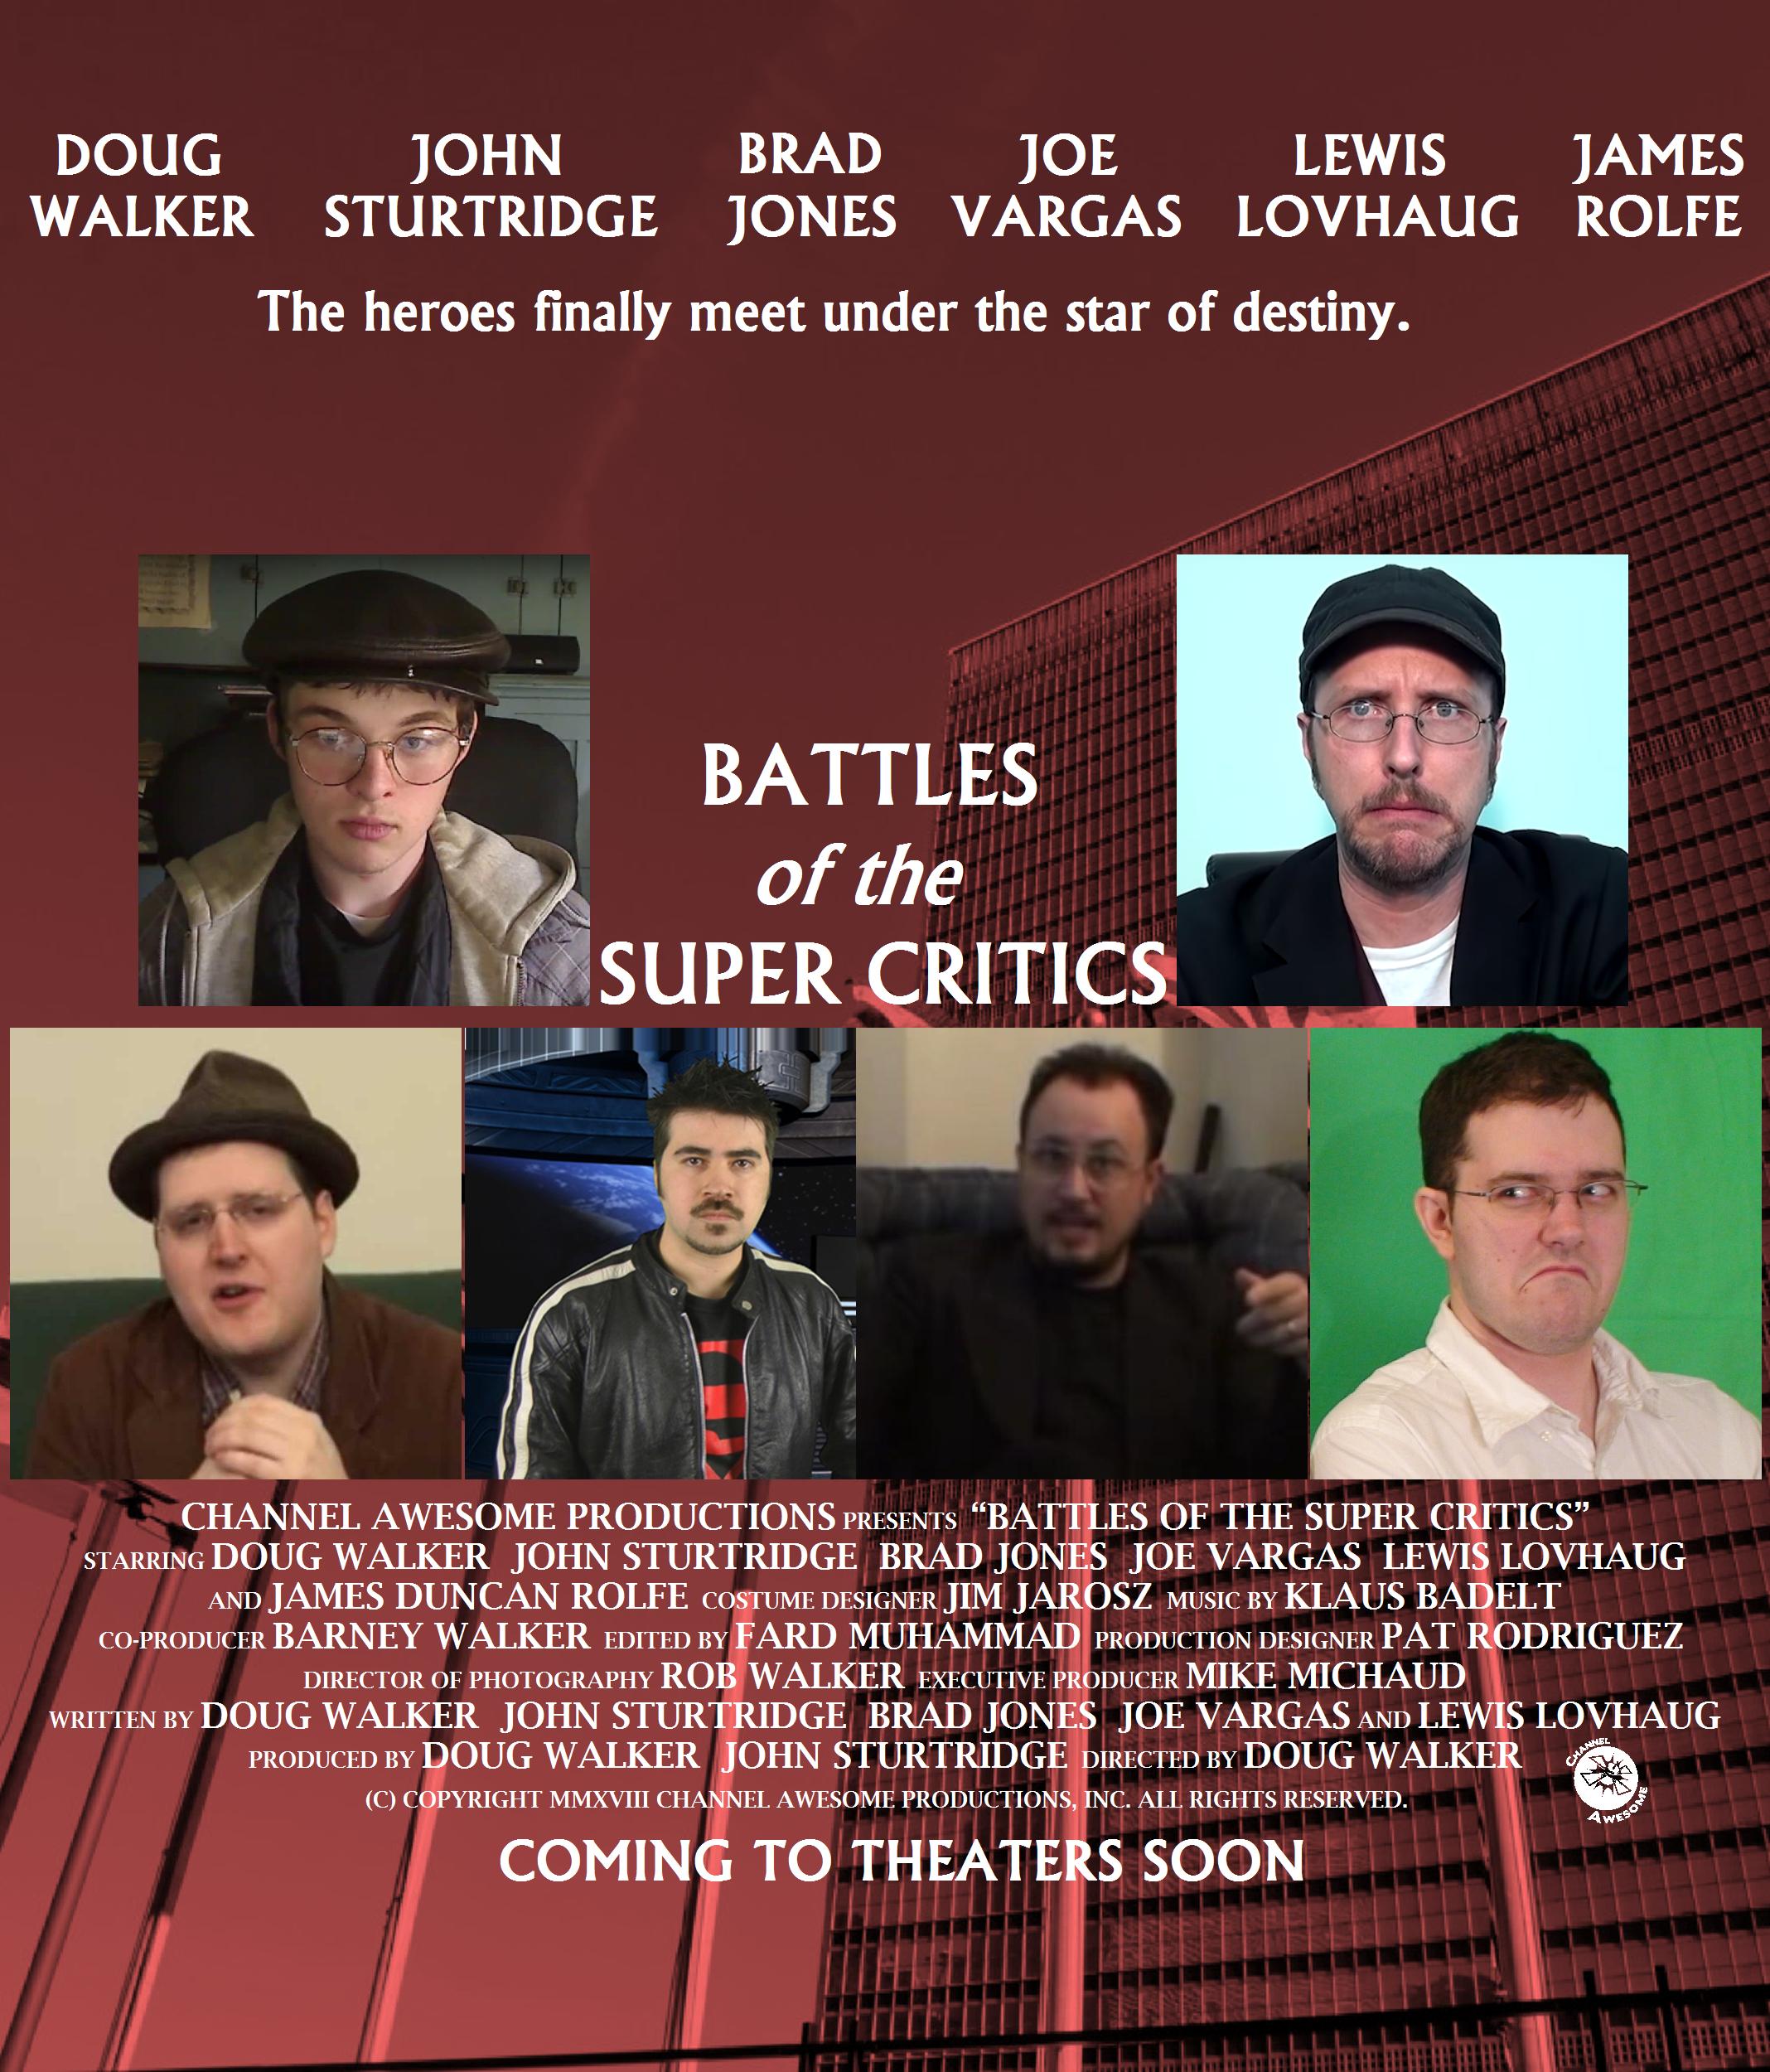 Battles of the Super Critics